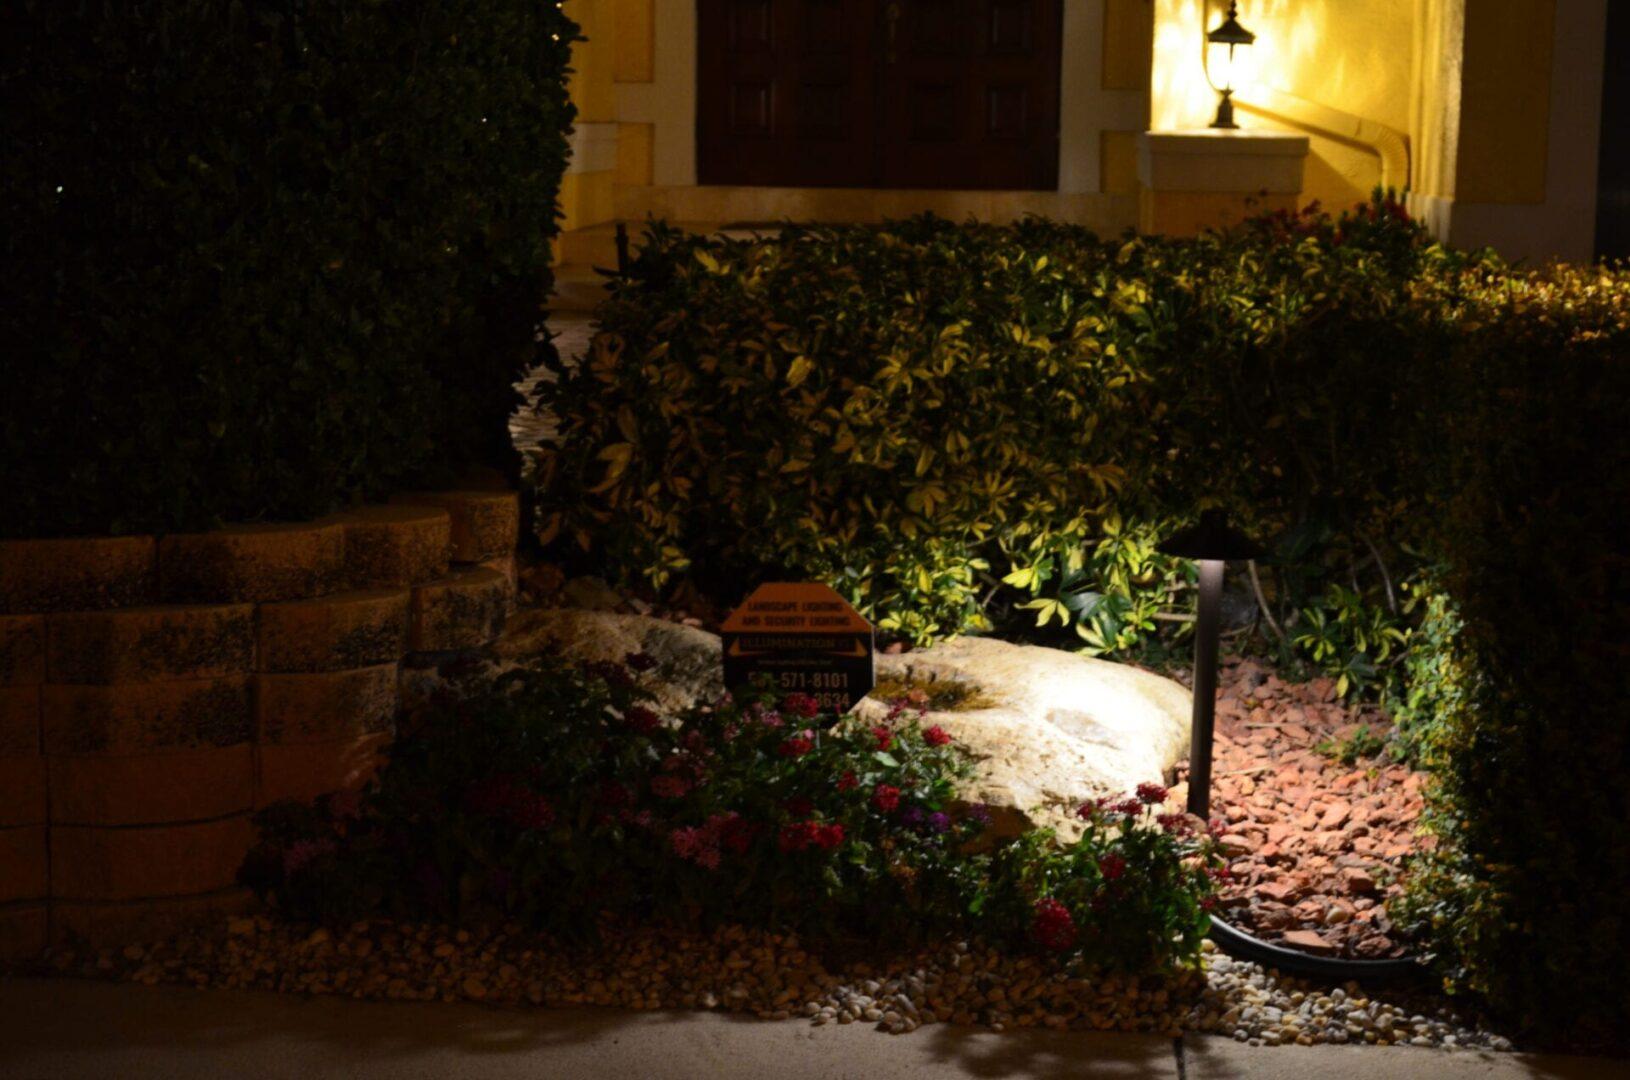 Residential Landscape Lighting LED